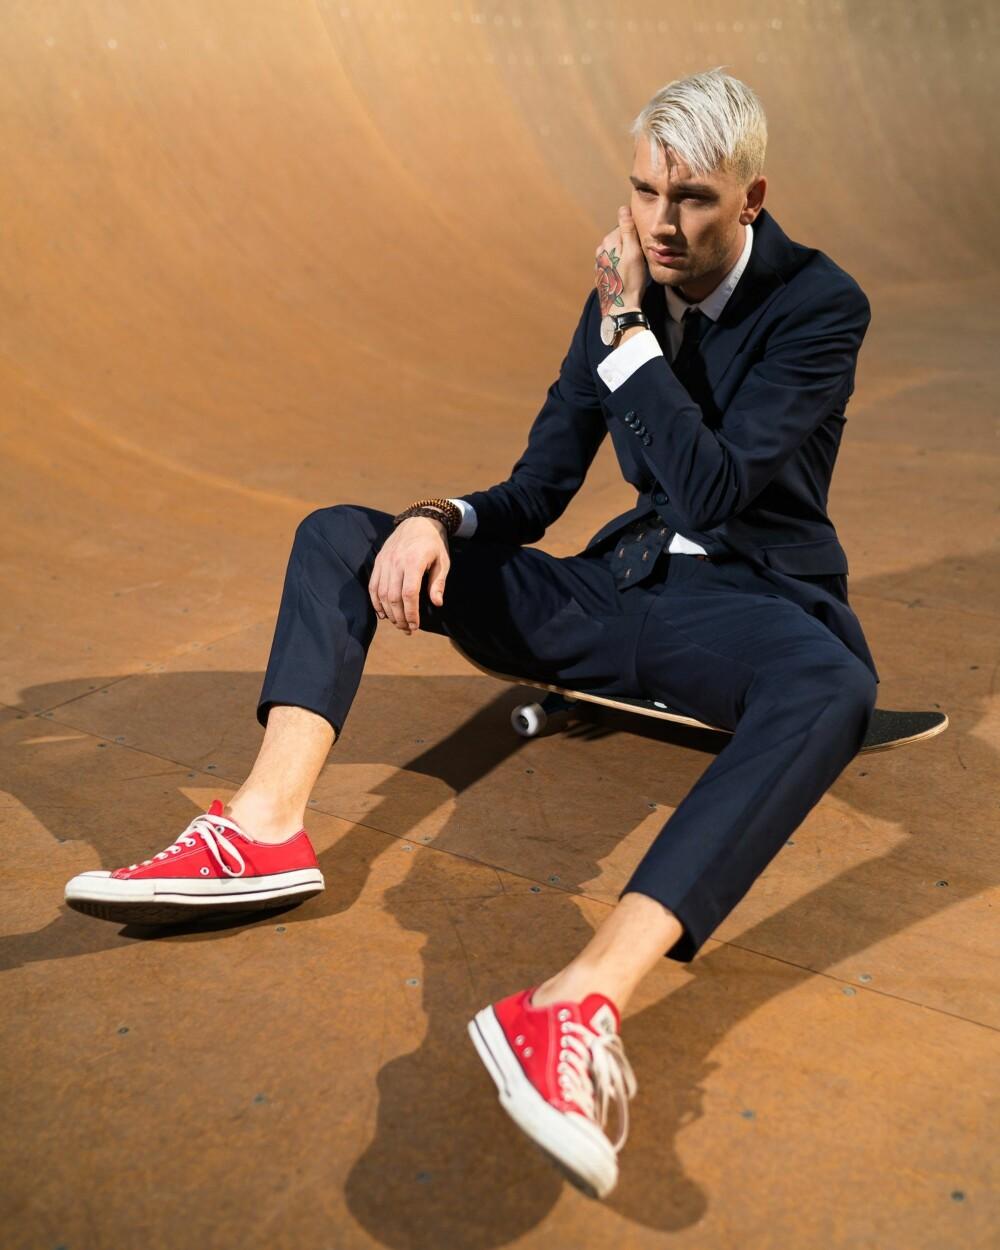 FESTKLAR: Et par skreddersydde bukser, en flott skjorte kombinert med et par fine sko passer ypperlig for fest. Her er herremoteblogger Stephen Grindhaug avbildet.